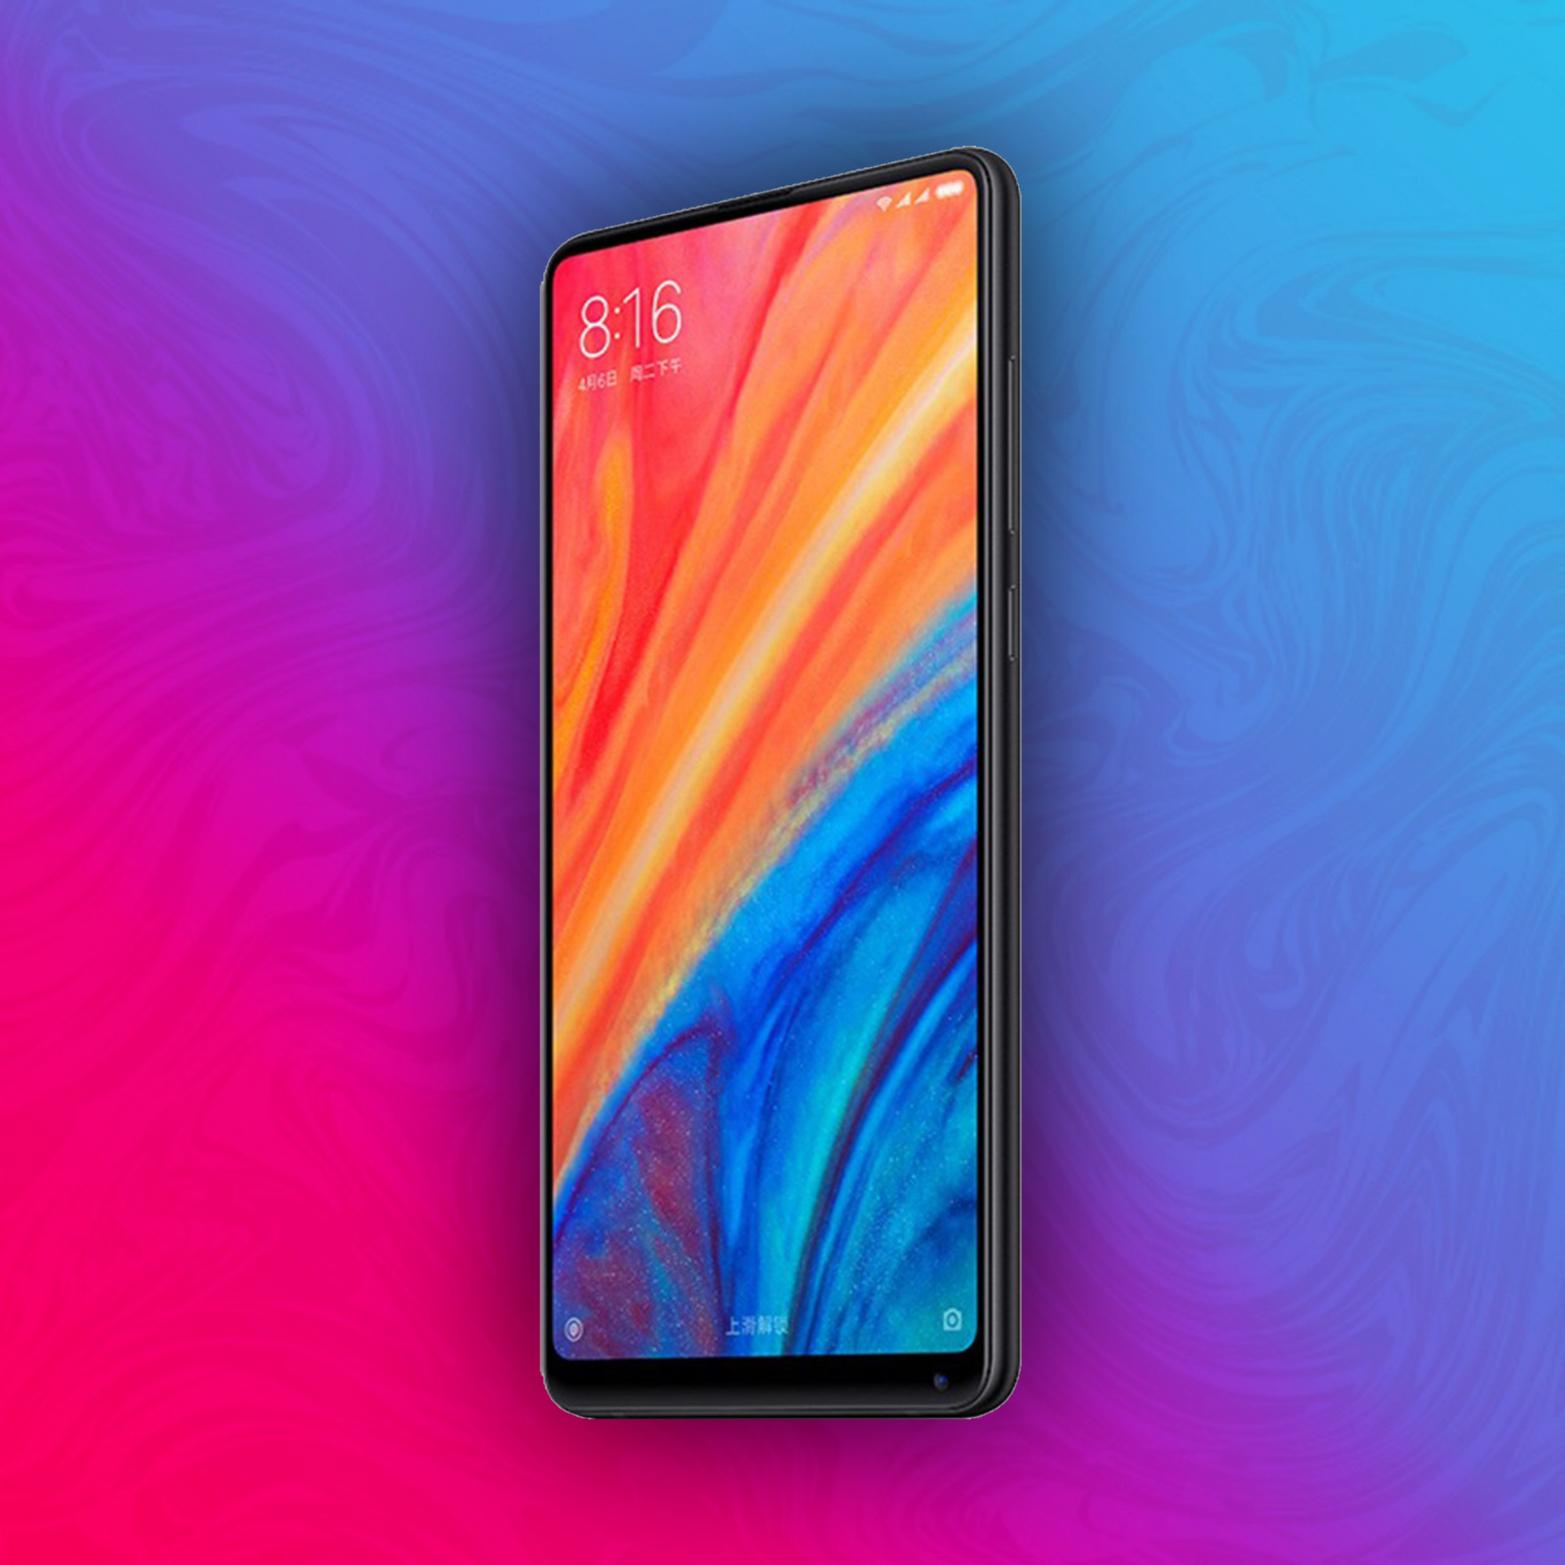 [Beschreibung lesen] Xiaomi Mi Mix 2S 64/6GB - Snapdragon 845 - NFC: Google Pay | Global Version